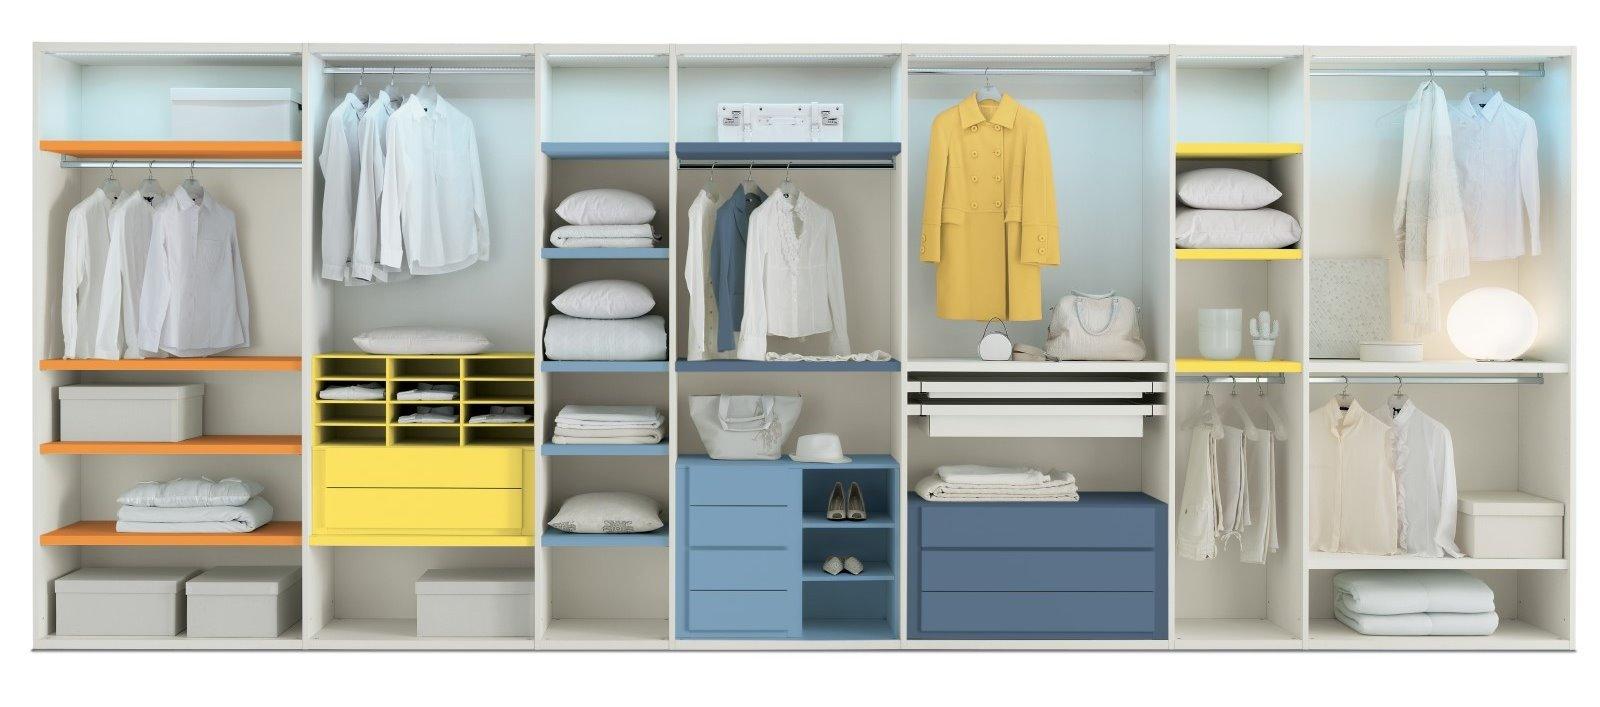 Idee il progetto di flavia una cabina armadio a vista - Cabina armadio su misura ...